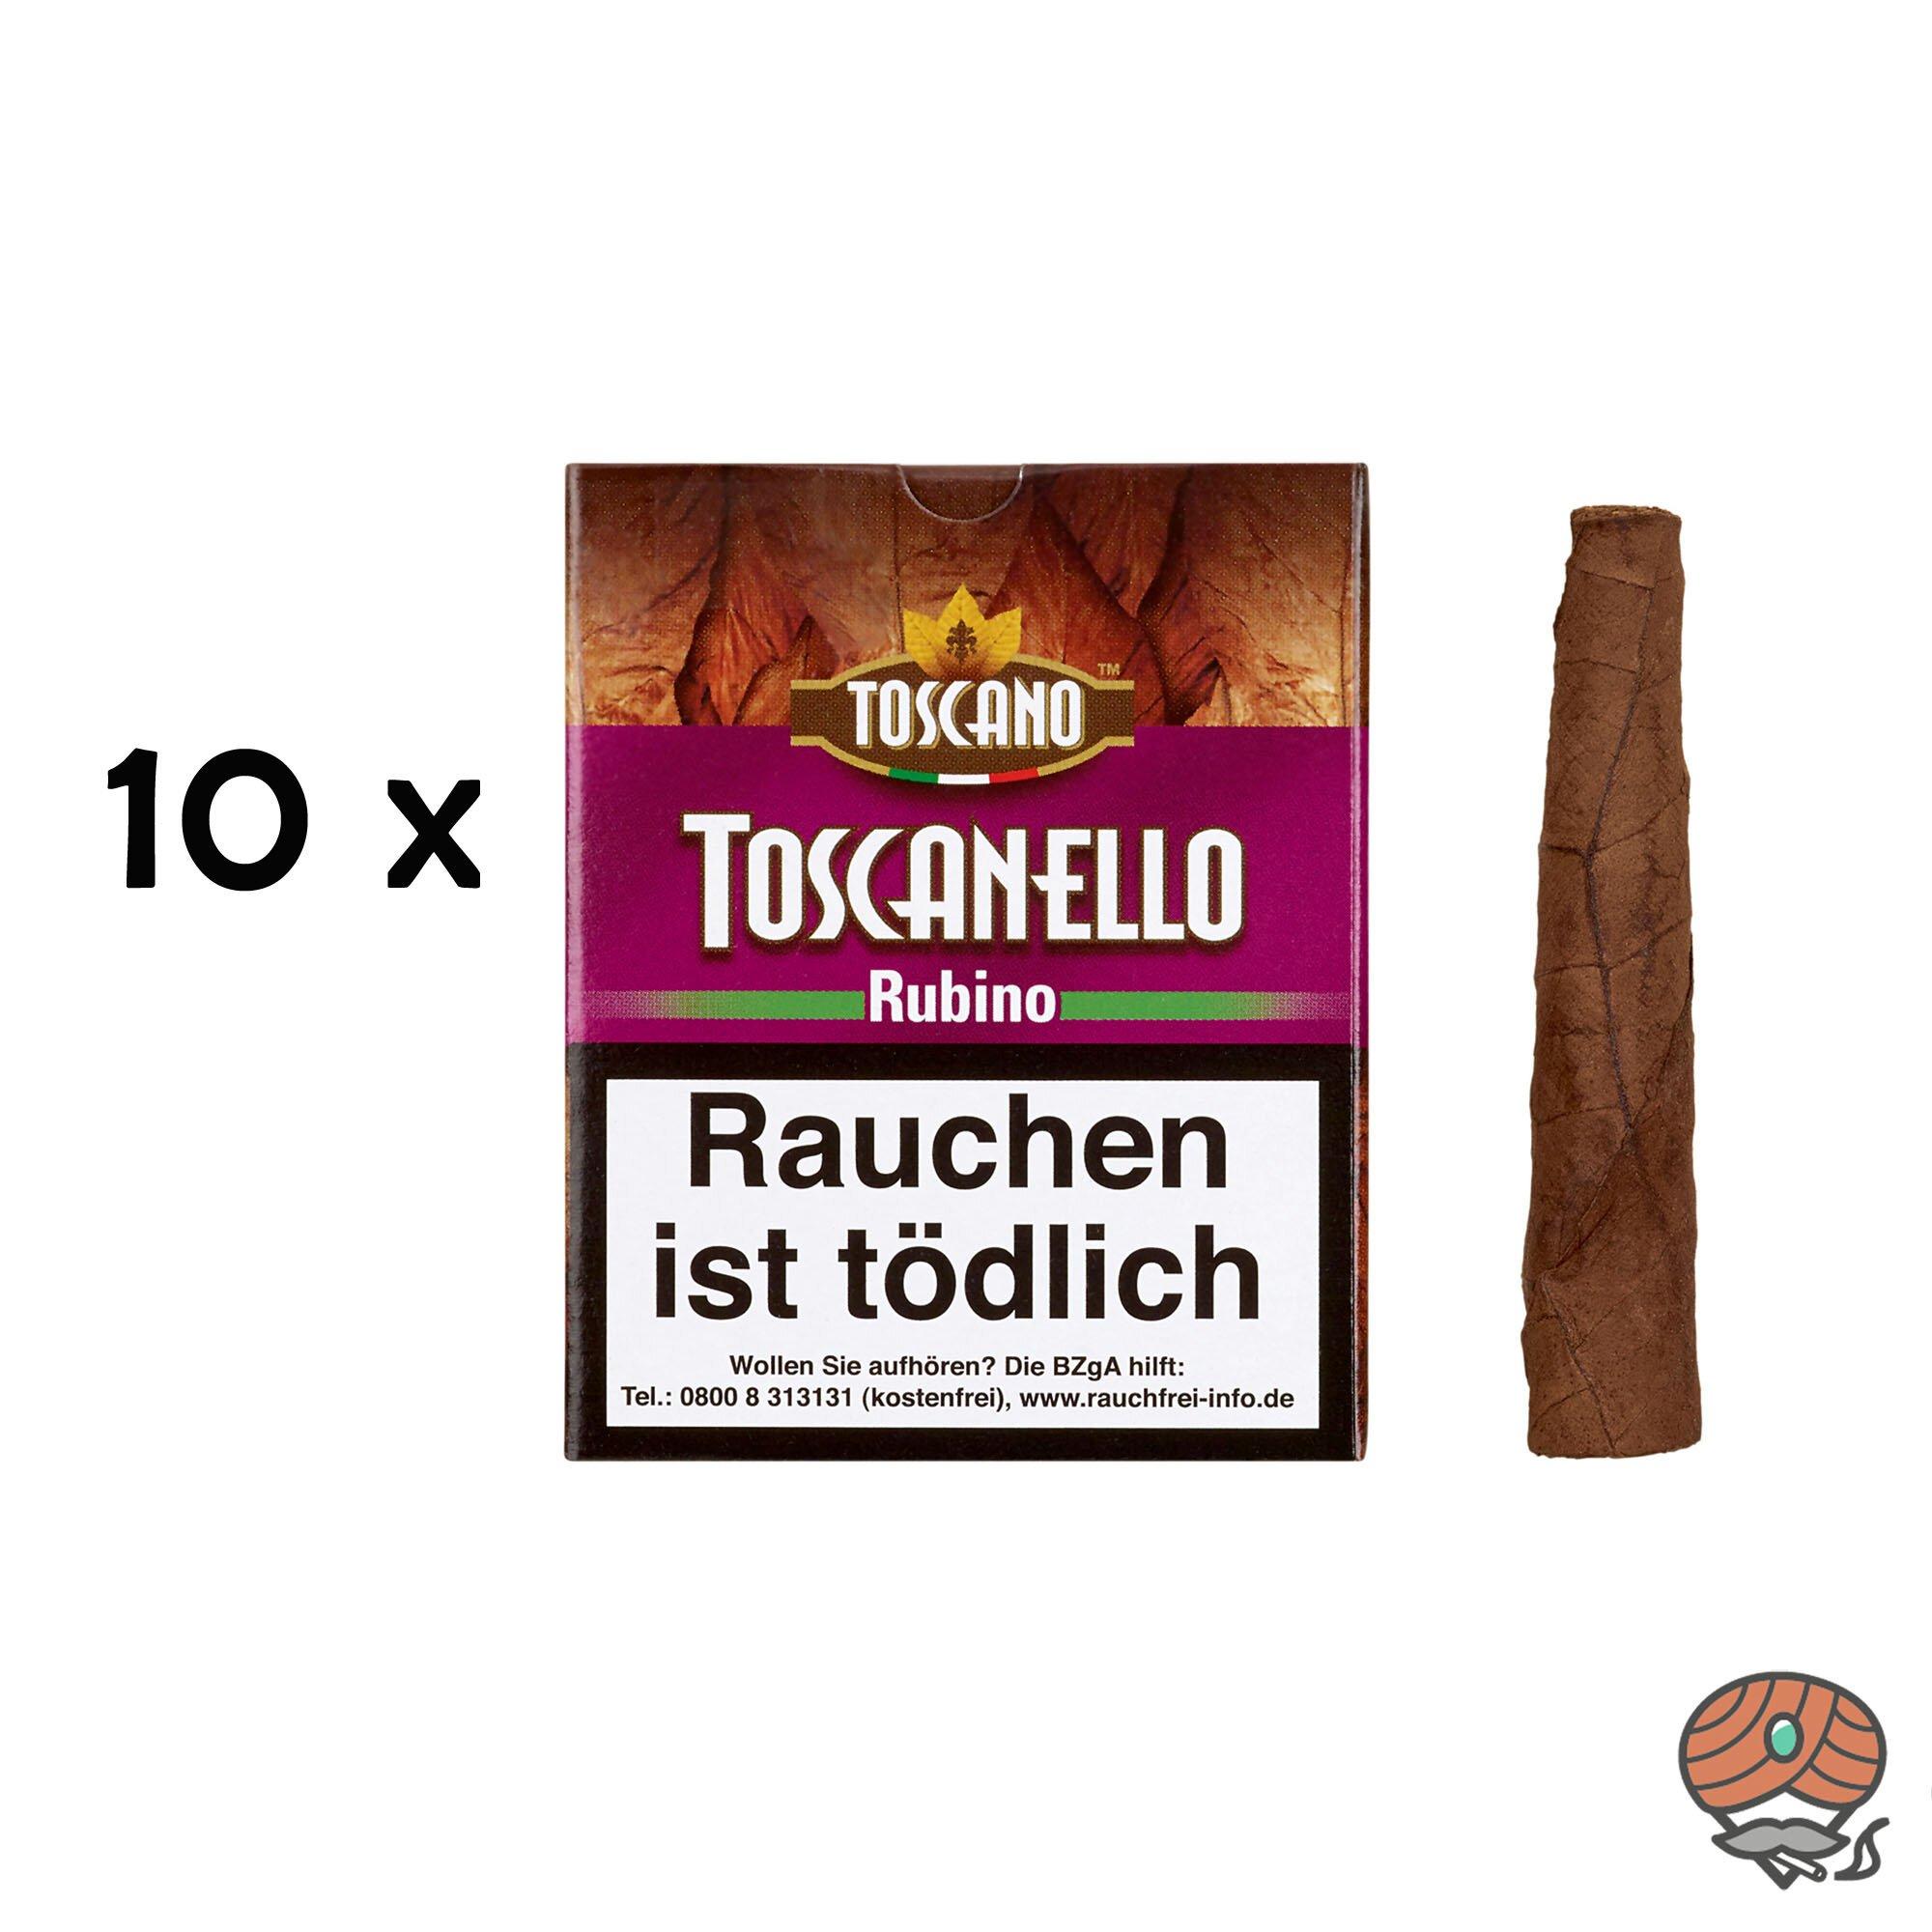 10 x Toscanello Rubino Zigarren (Apfel und Zimt) à 5 Stück